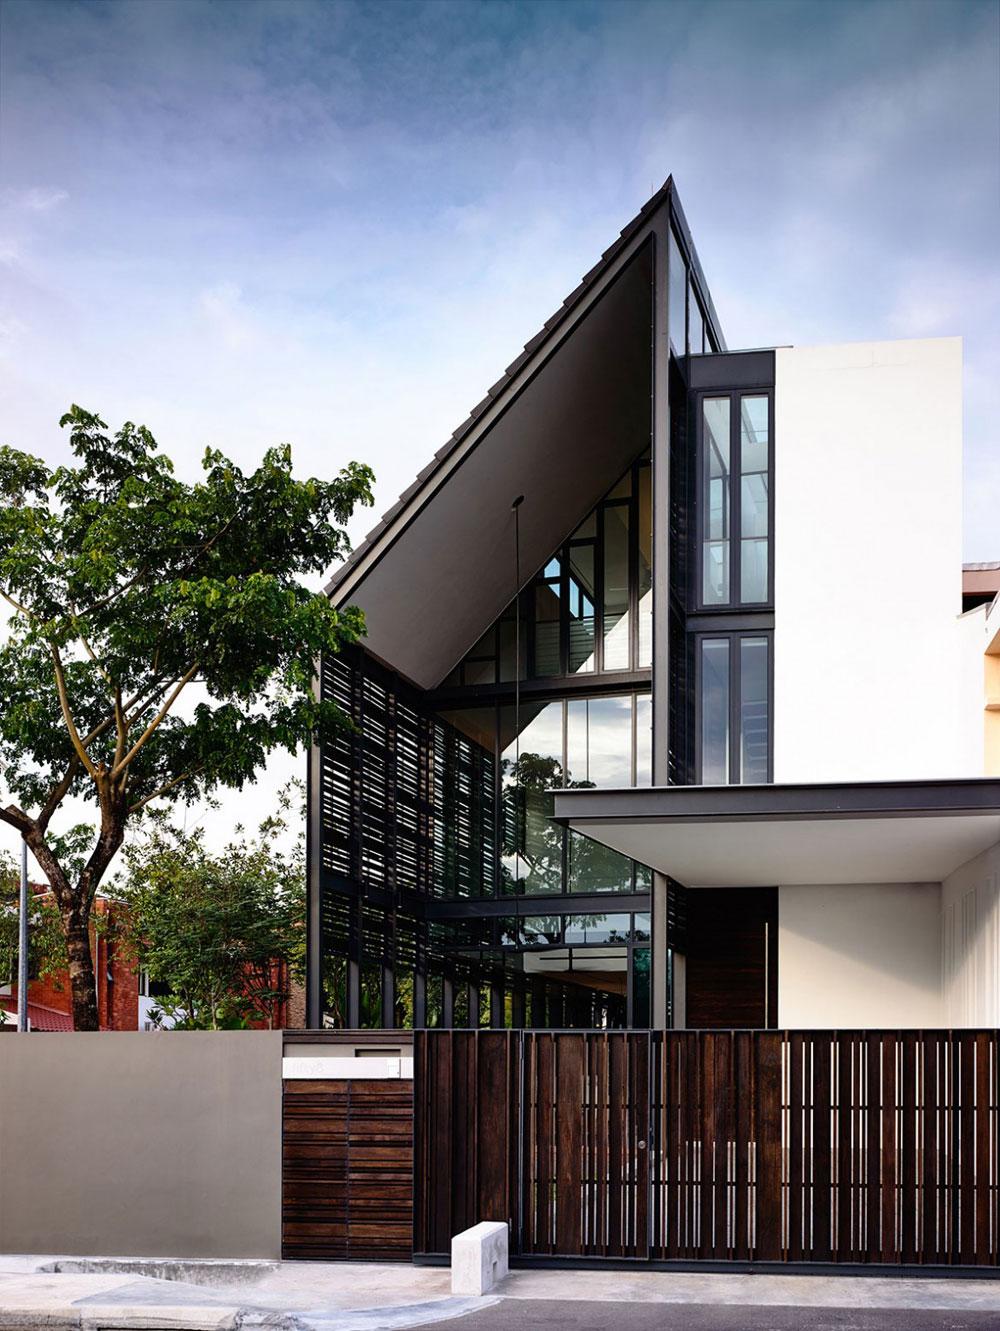 Architecture-Design-Inspiration-Presenting-Beautiful-Buildings-9 Architecture-Design-Inspiration-Presenting Beautiful Buildings